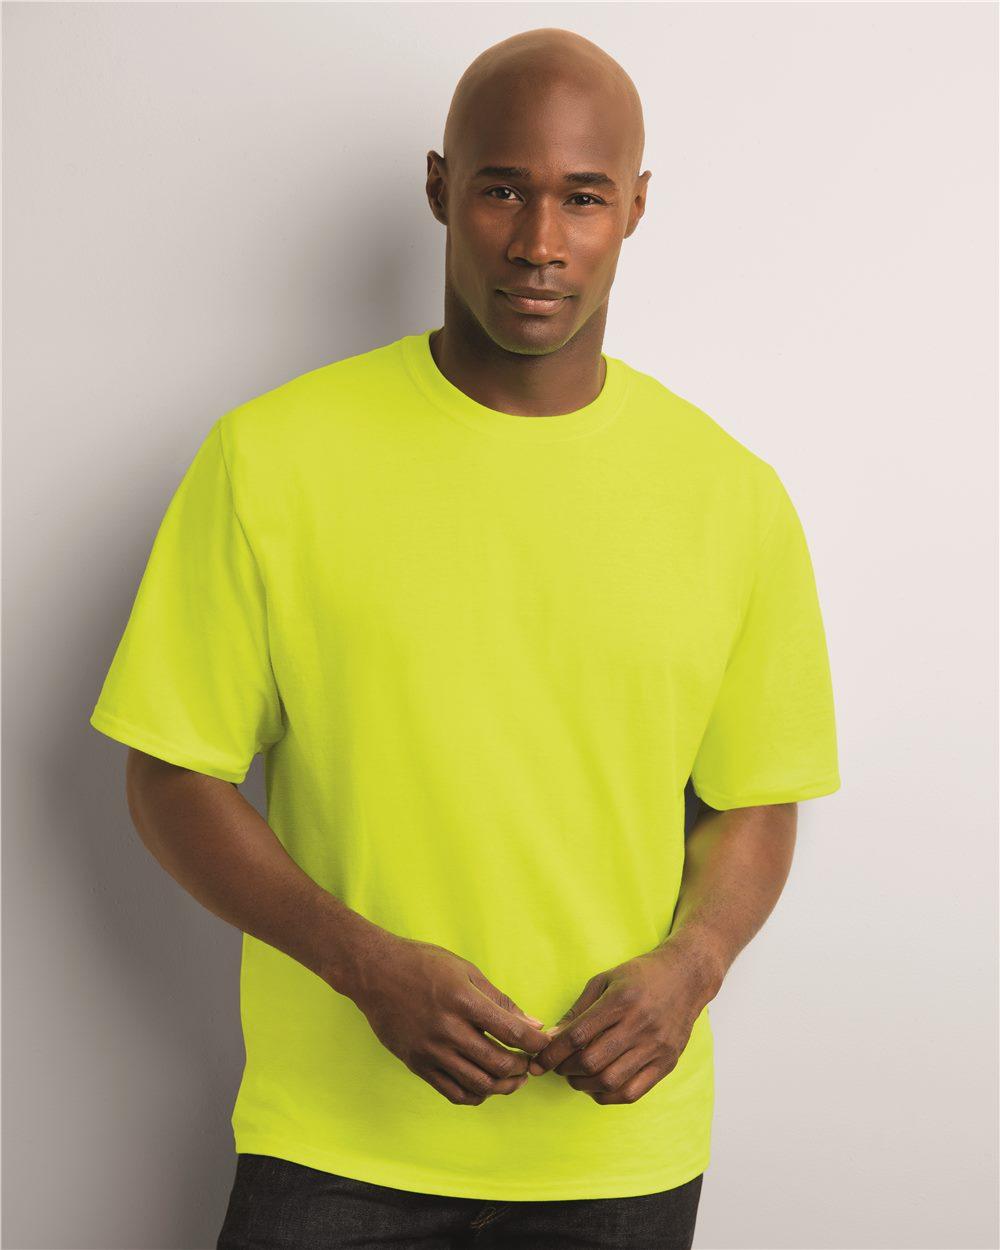 3XT  2000T Gildan Ultra Cotton T-Shirt Tall Sizes Shirt  XLT 2XT